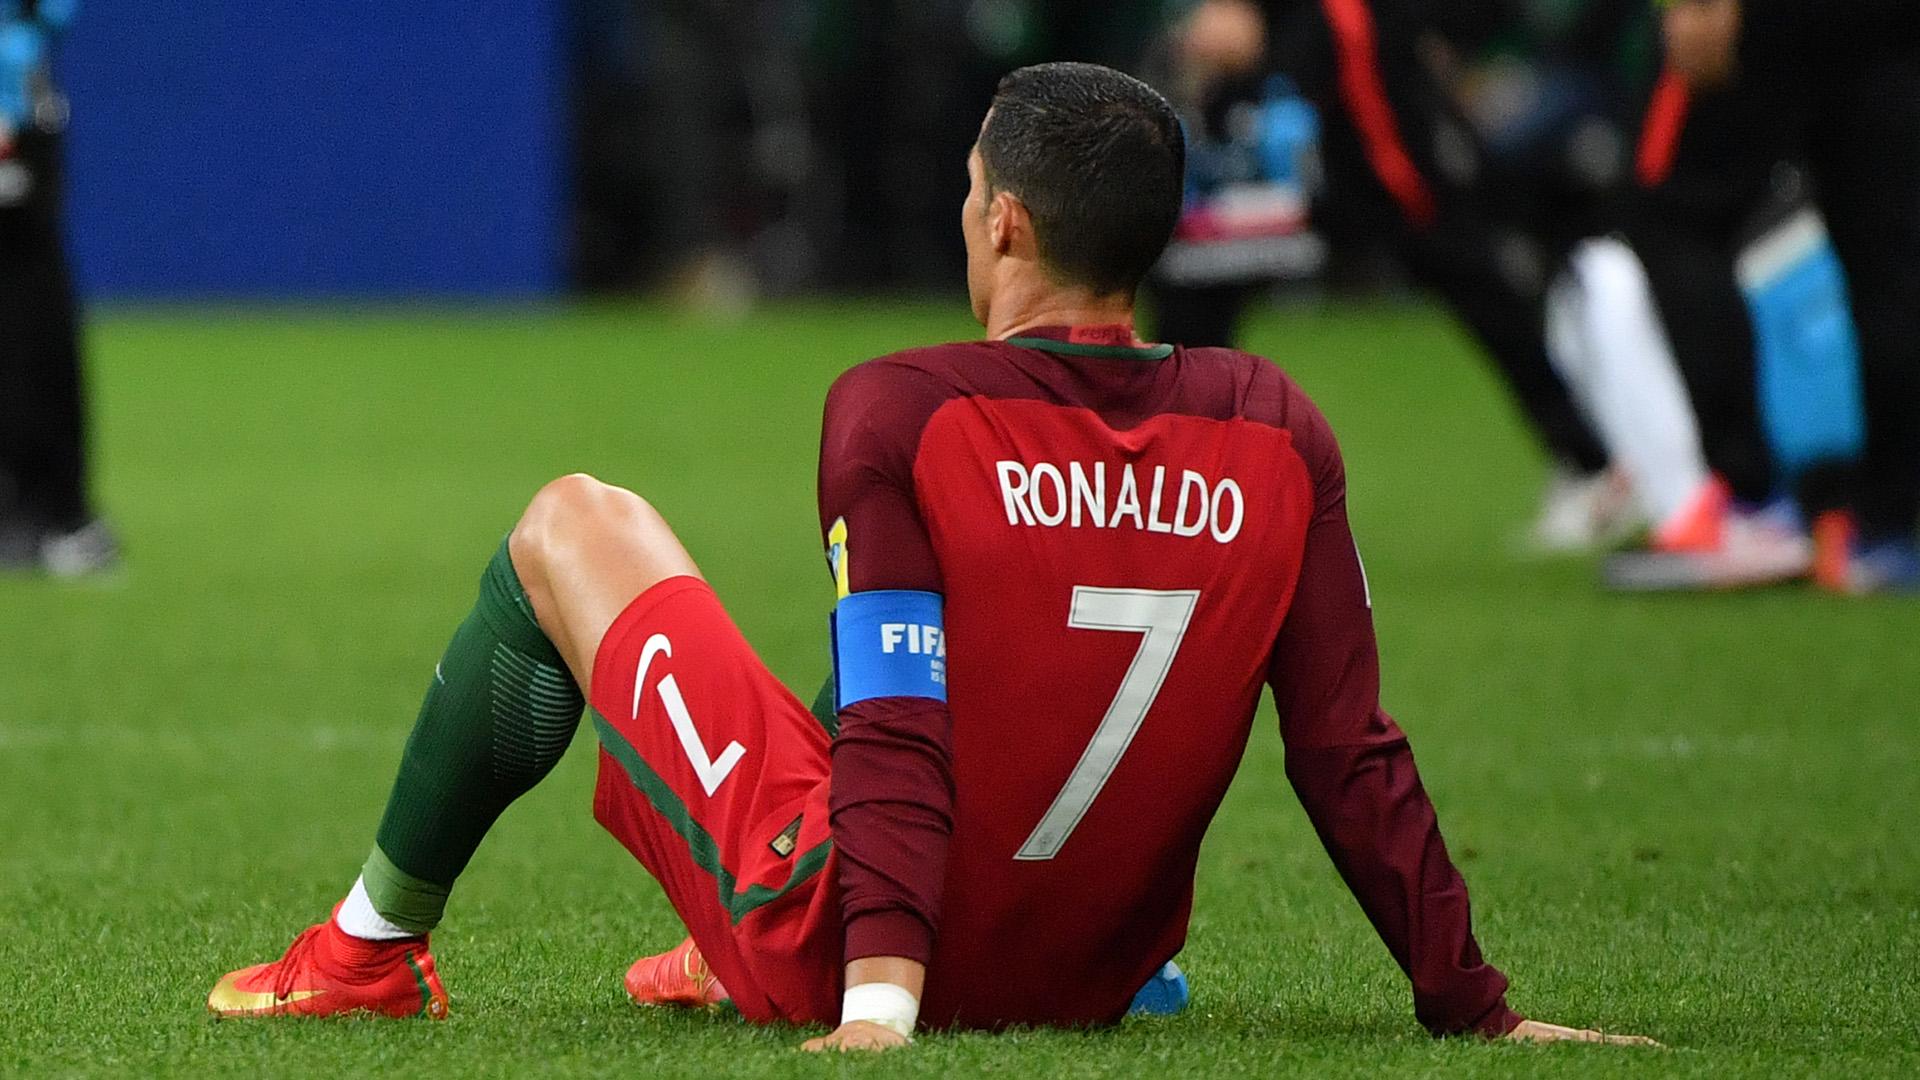 Cristiano Ronaldo come Messi: guai con il Fisco e finanzieri sullo yatch